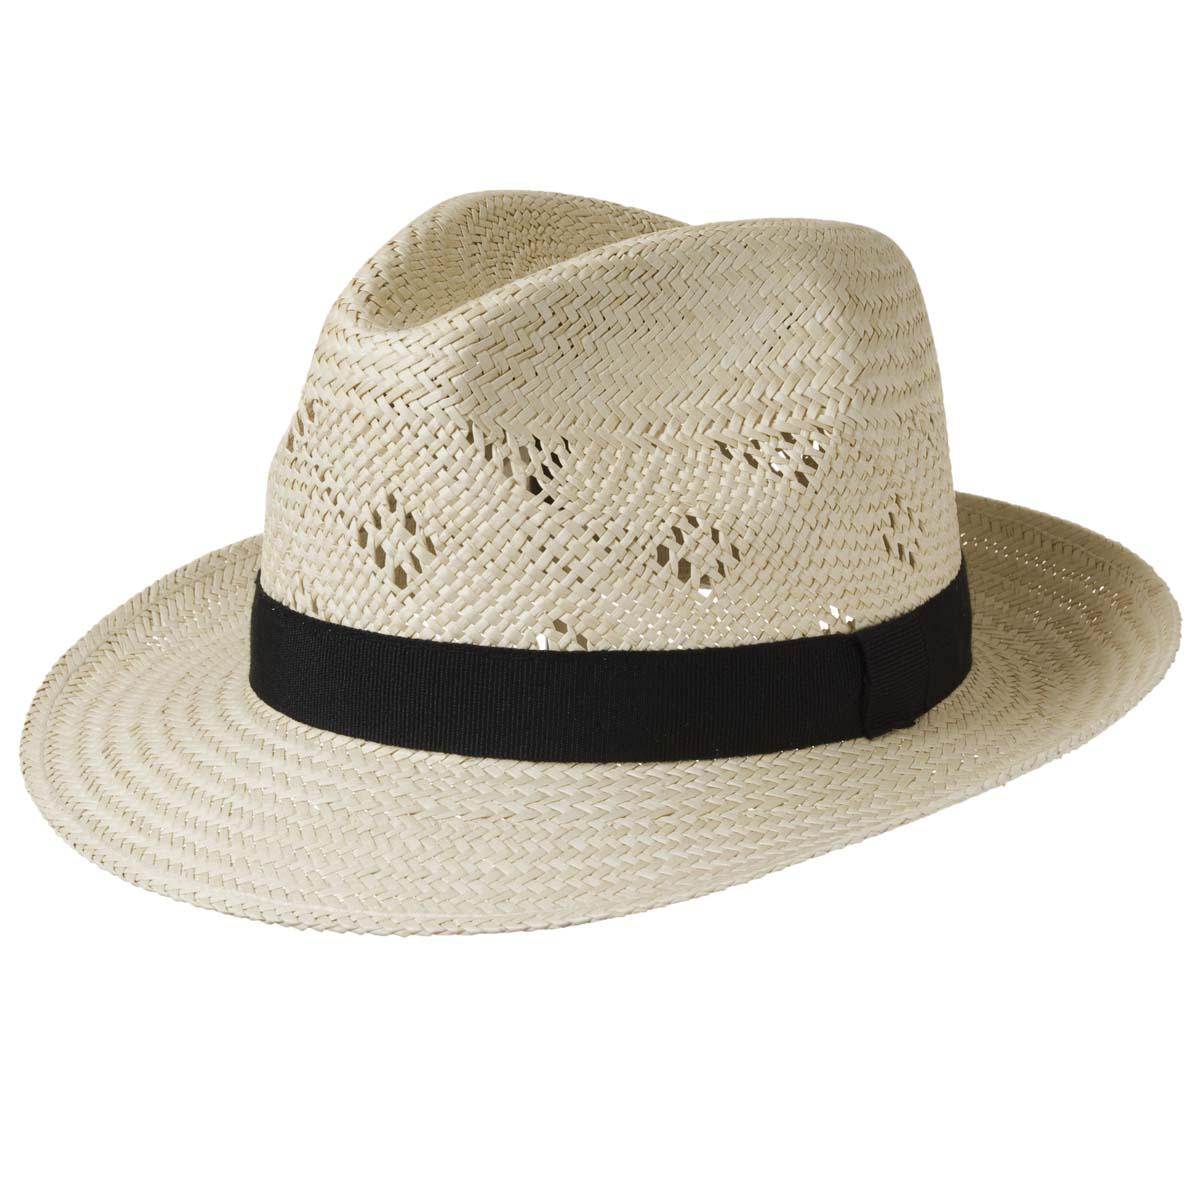 Cappello elegante di paglia traforato 6f4ffecb15b2